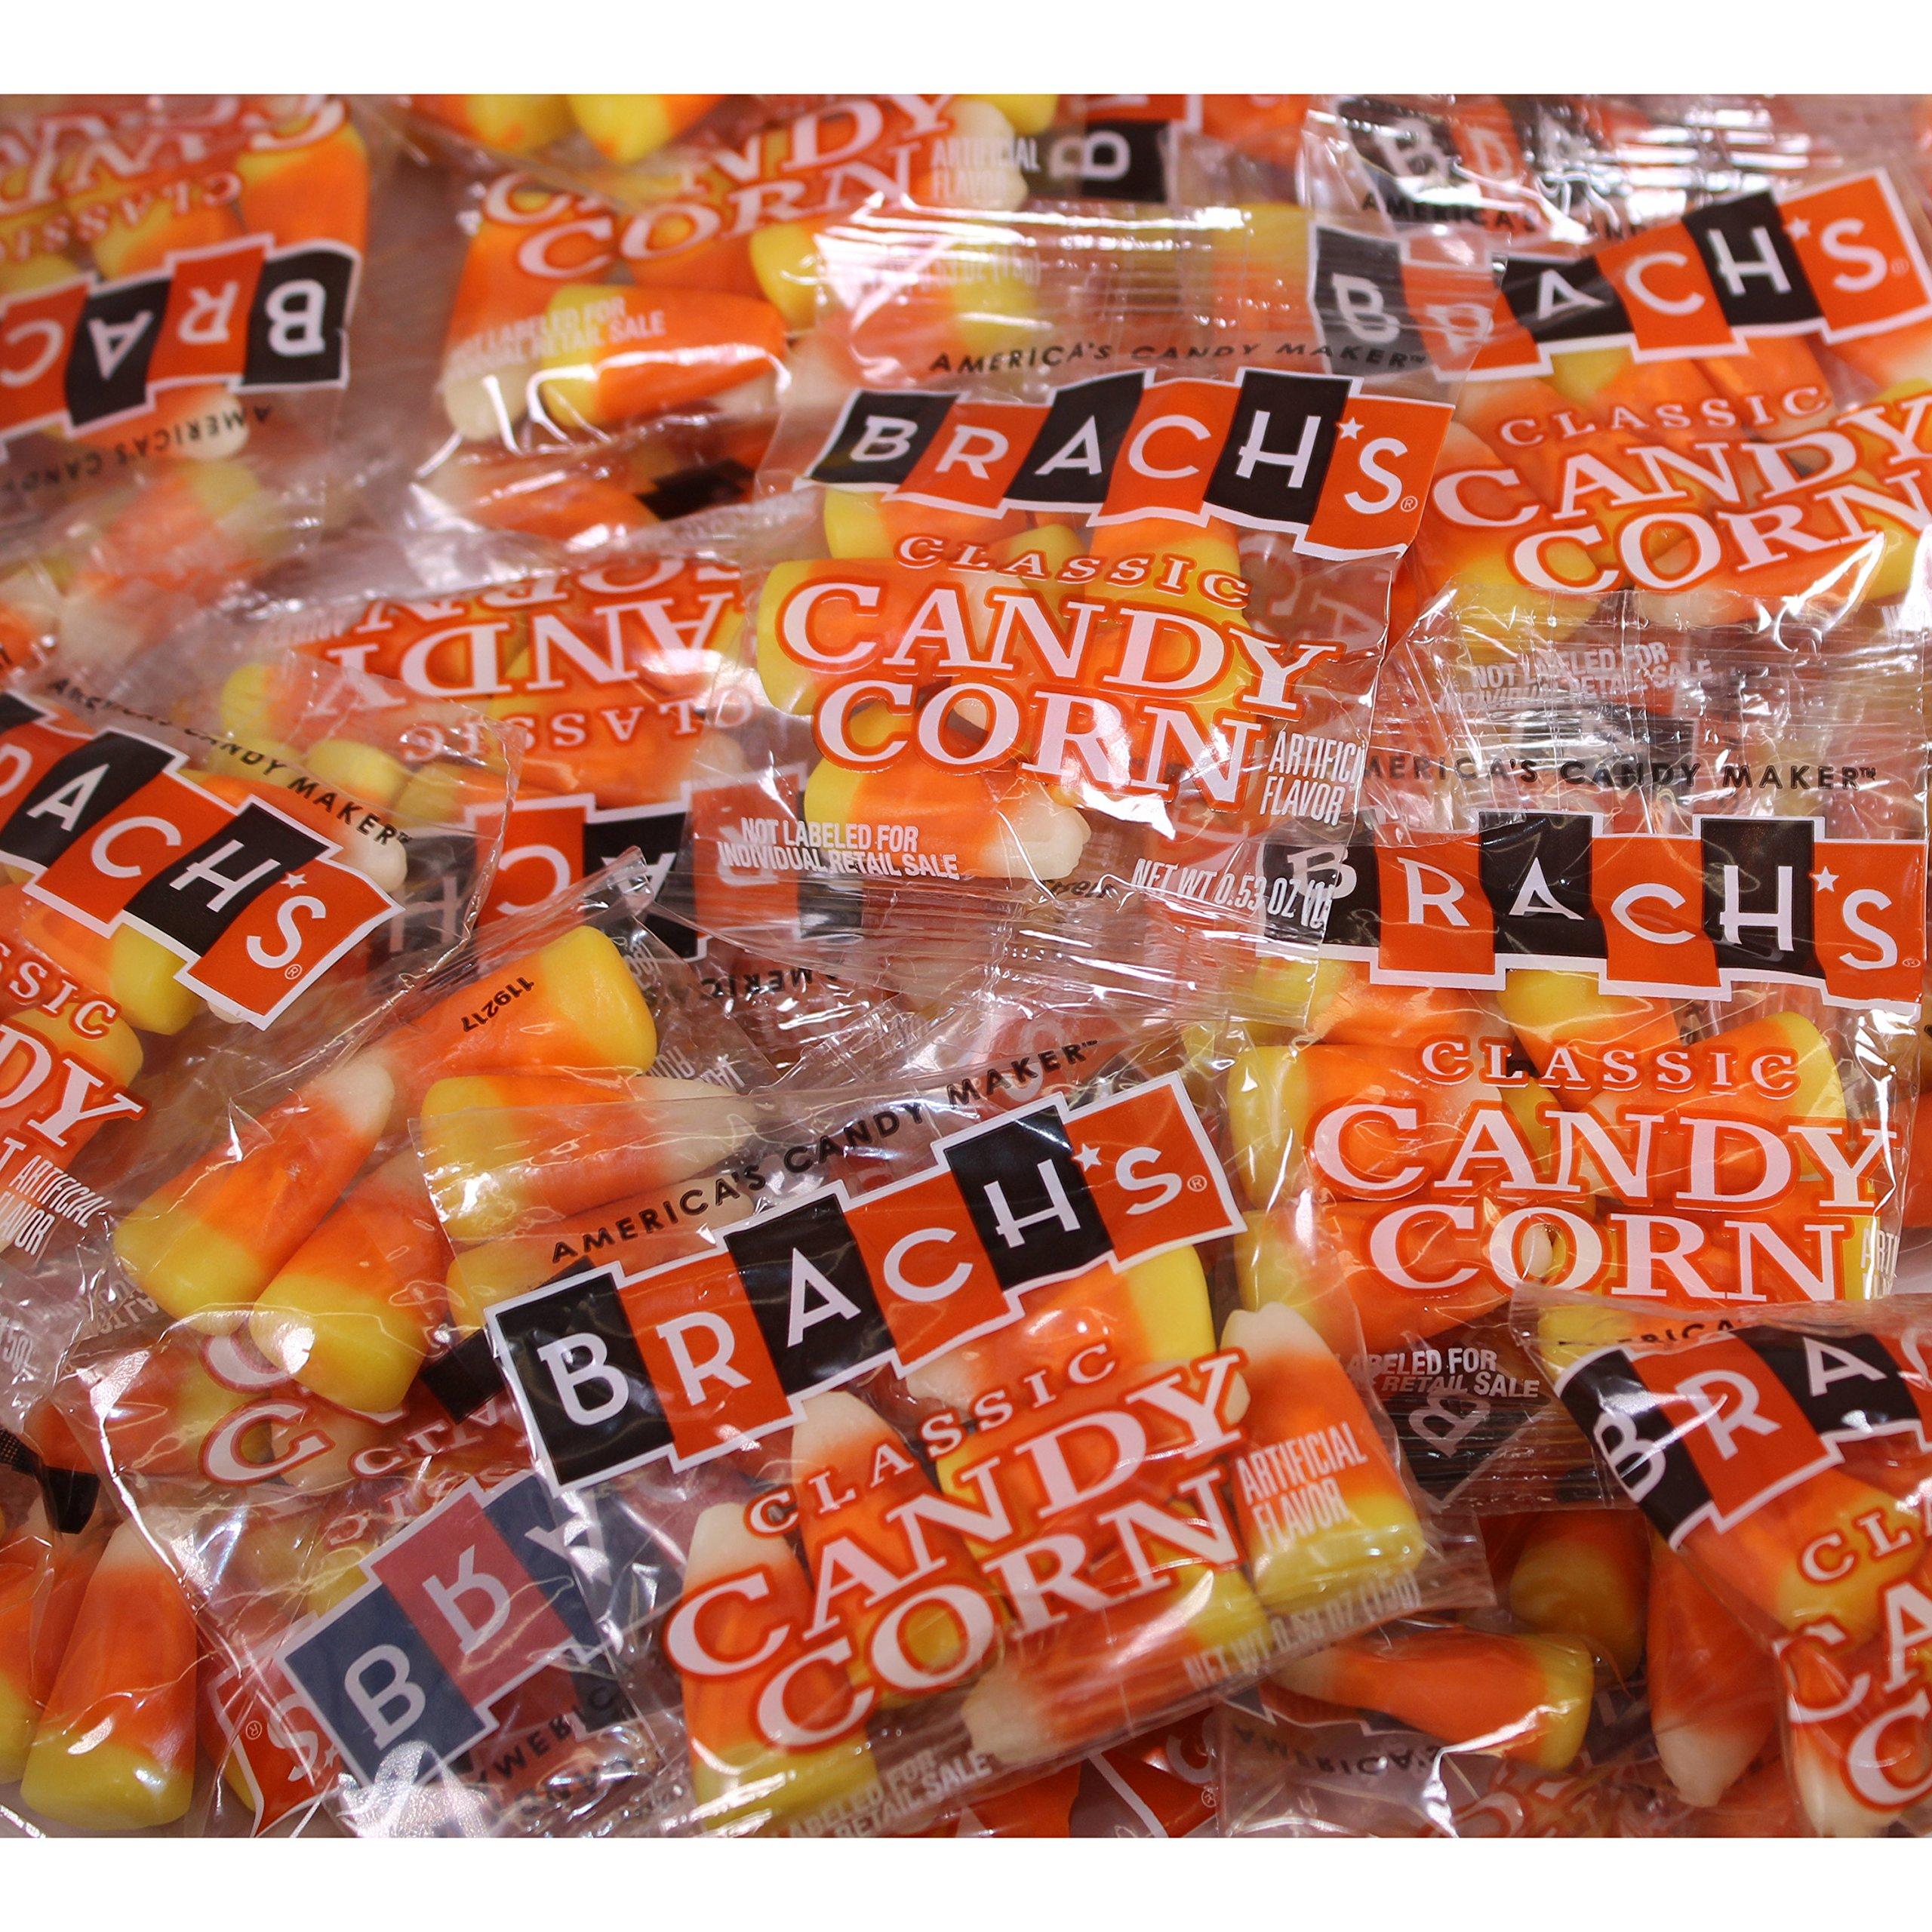 Brach's Classic Candy Corn, 110 Treat Bags, .5 Ounce each, 55 Ounces Total by Brach's